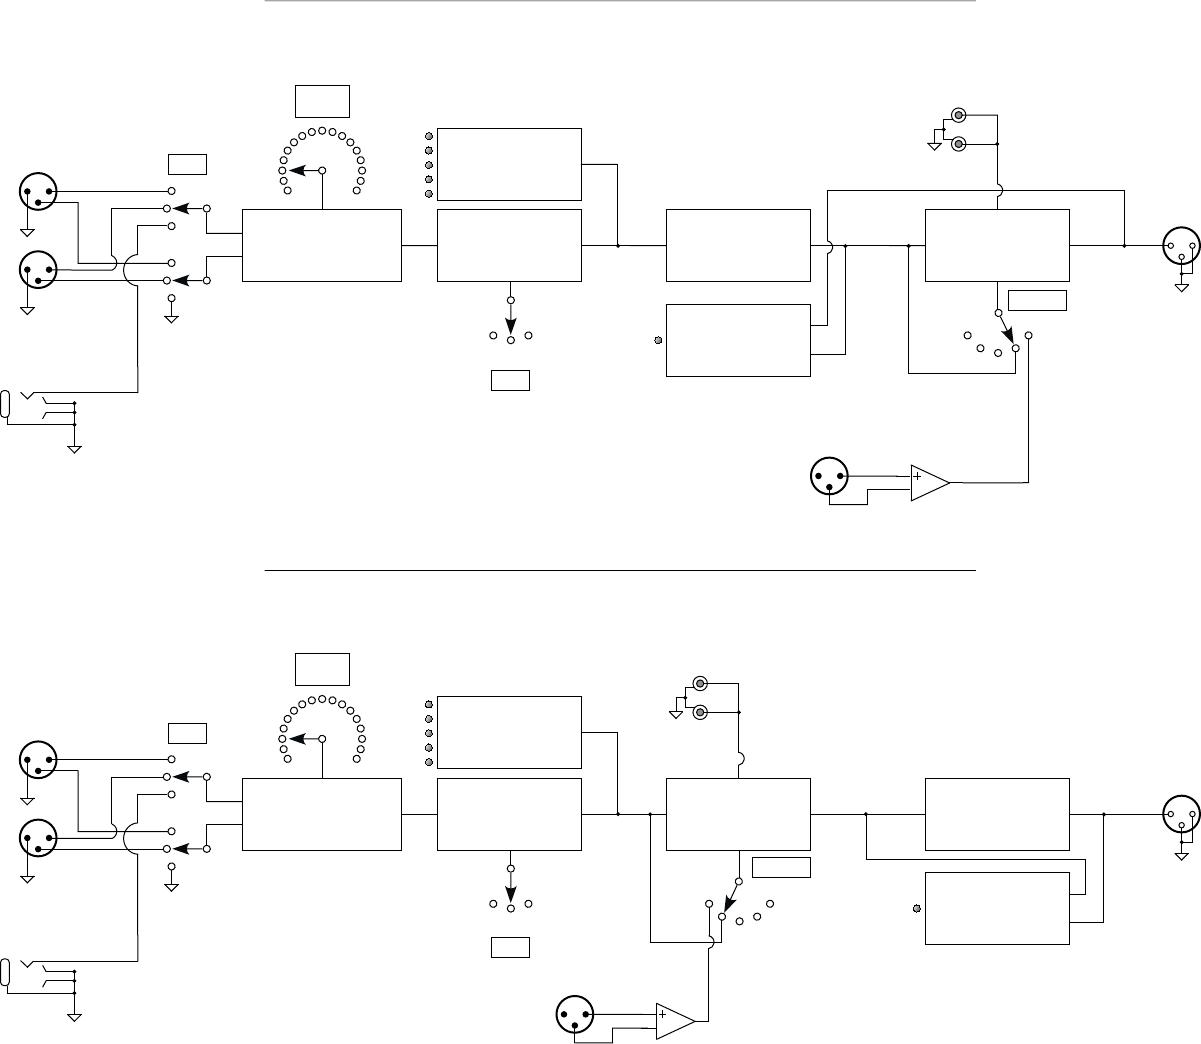 Discrete Vca Schematic